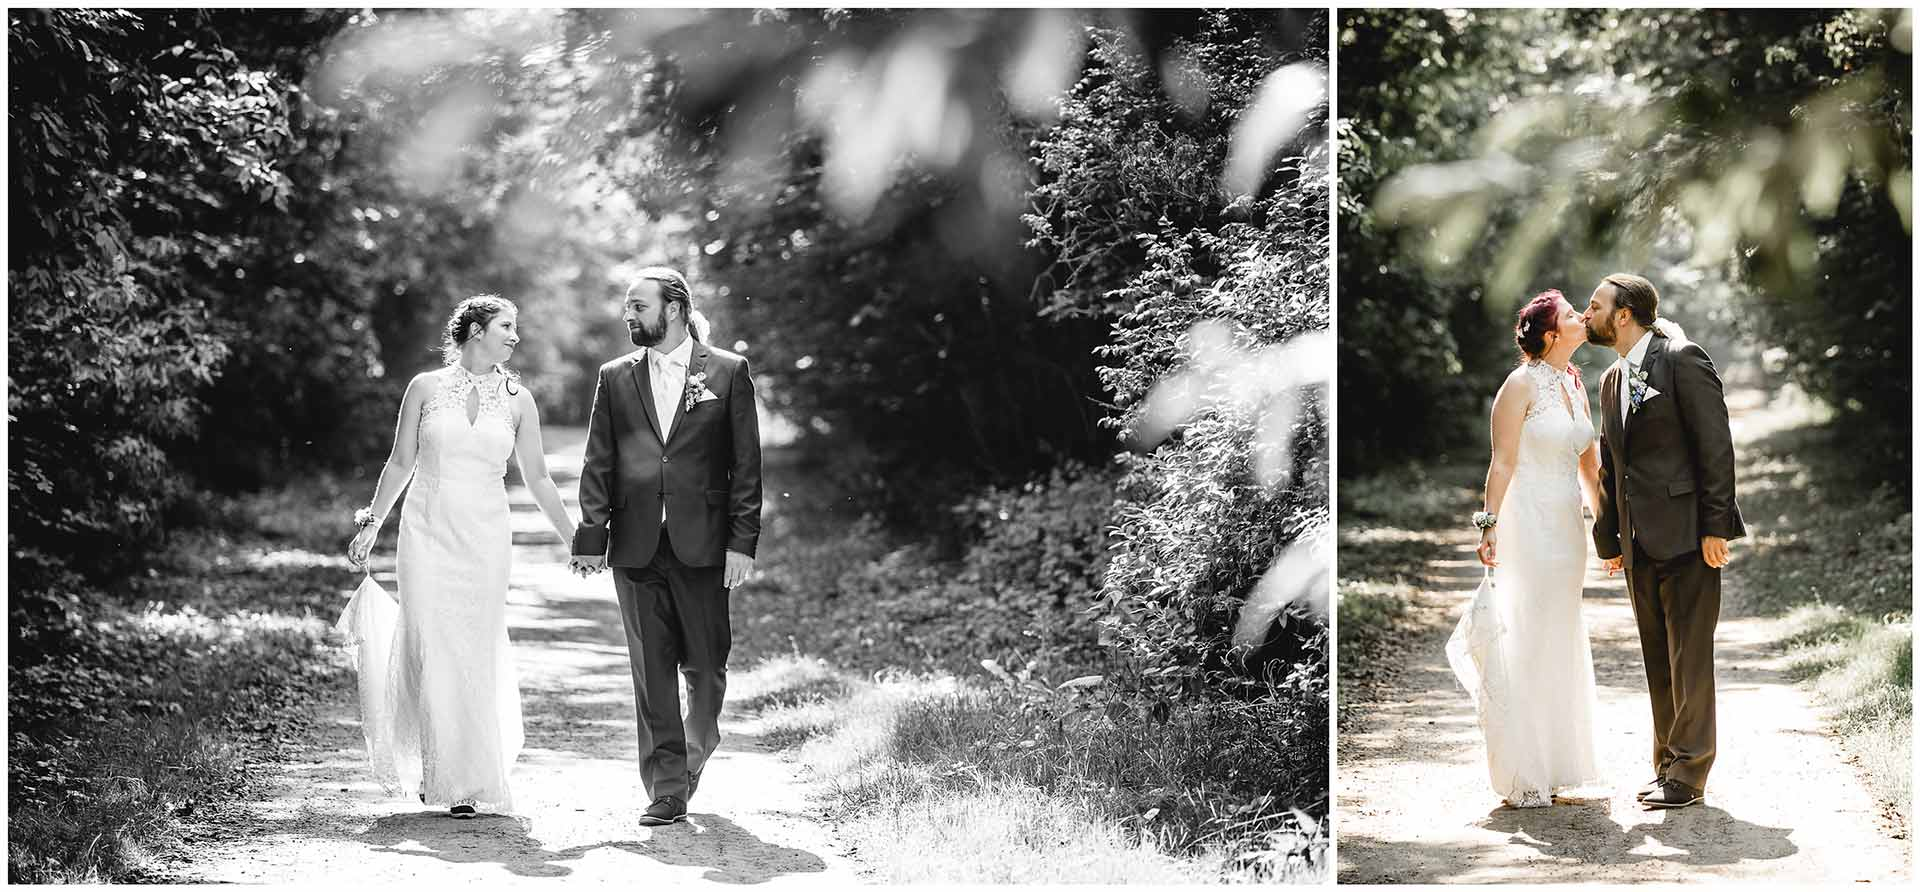 Foto1_Brautpaar-geht-Hand-in-Hand-spazieren_Foto 2_Brautpaar-kuesst-sich-Hochzeitsshooting-Hochzeit-am-Strand-Hochzeitsfotograf-Warnemuende-Hochzeitsfotograf-Rostock-Hochzeitsfotograf-Ostseebad-Warnemuende